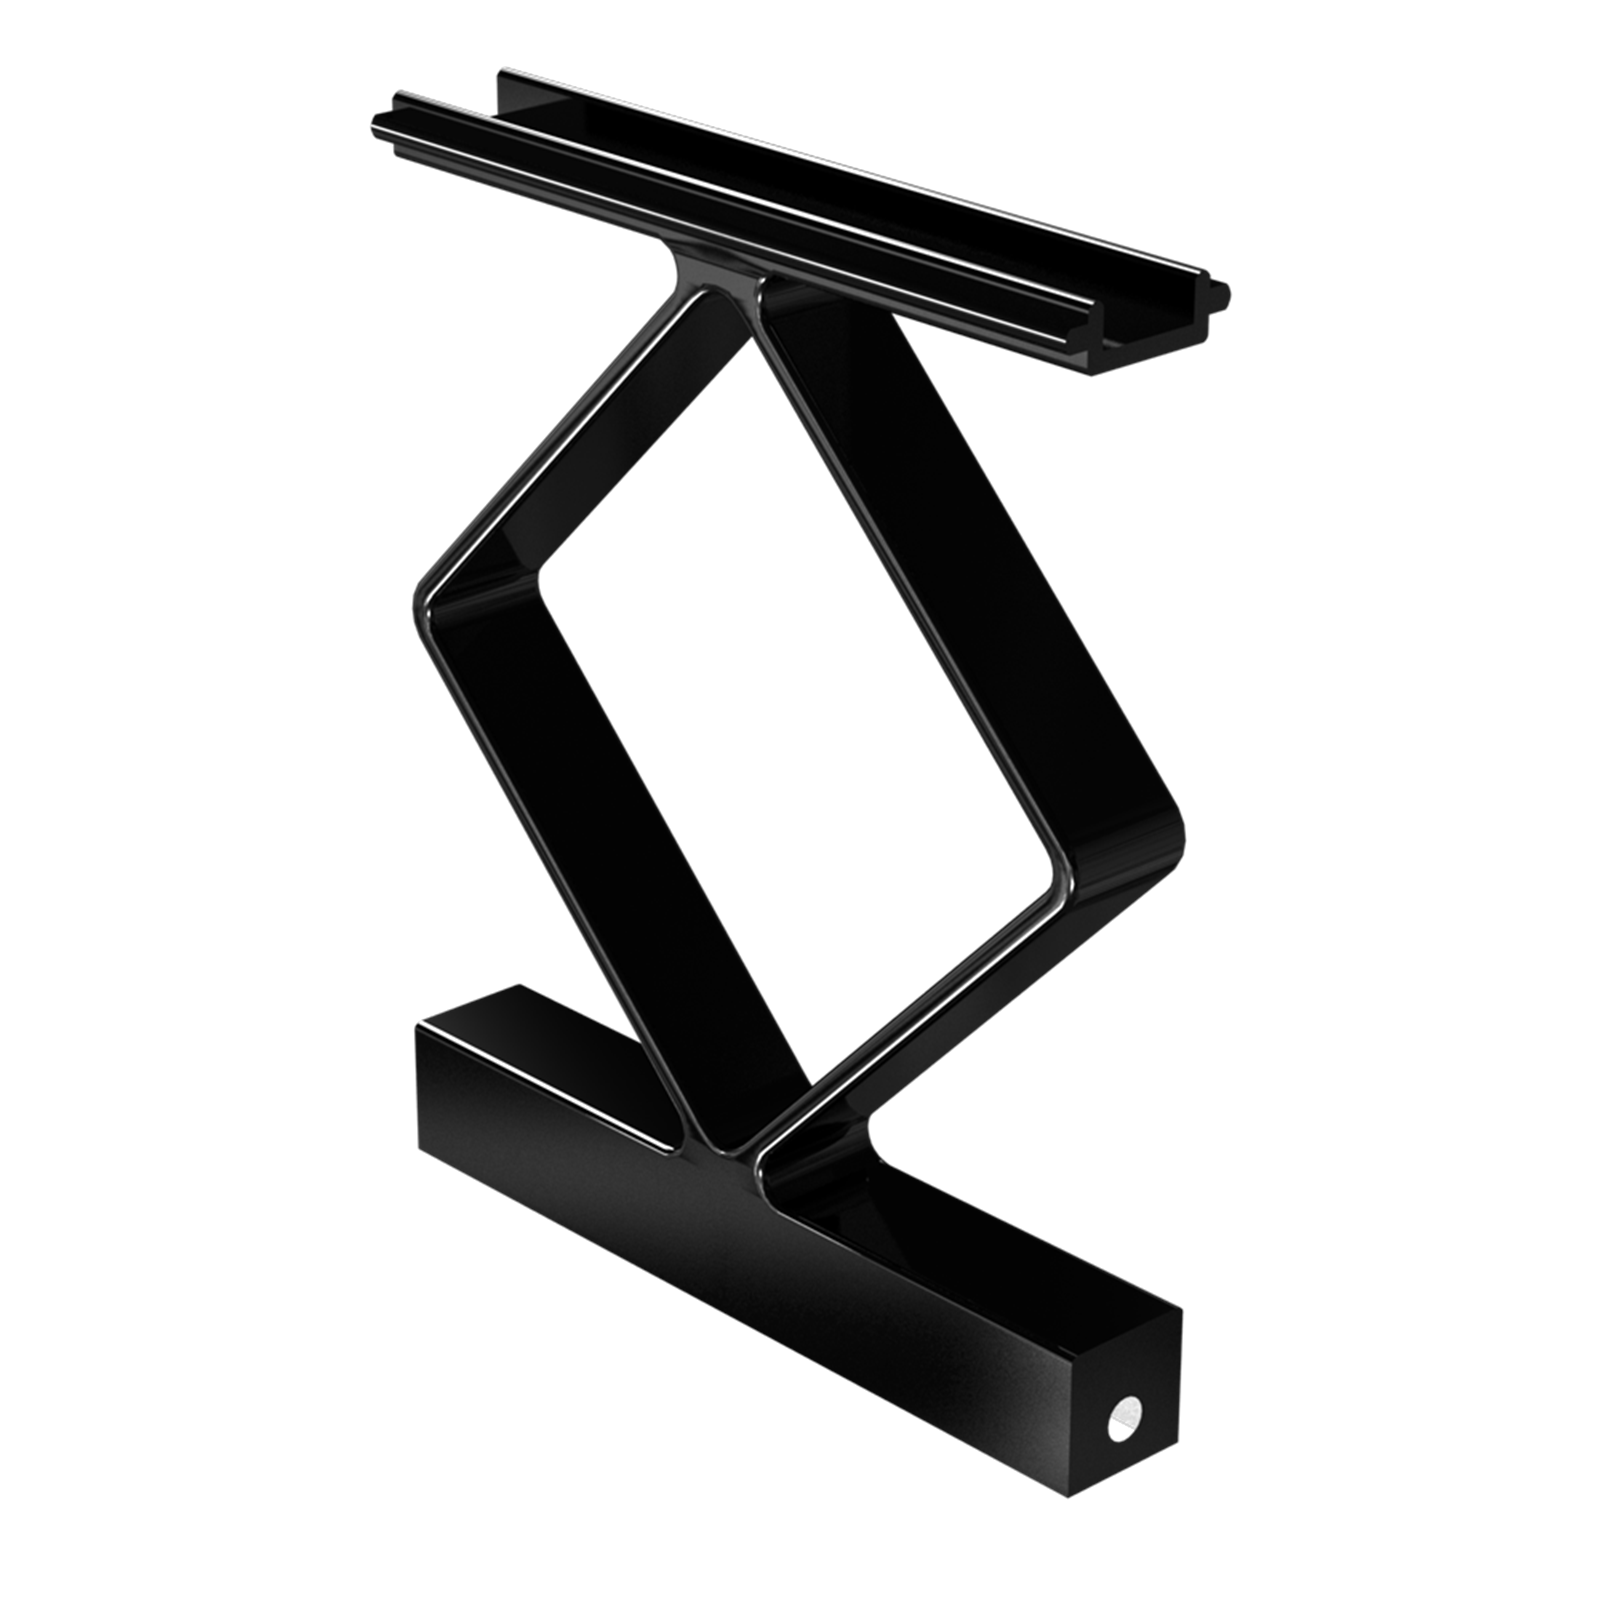 Peak Products Black Aluminium Balustrade Decorative Handrail Spacer - 4 Pack